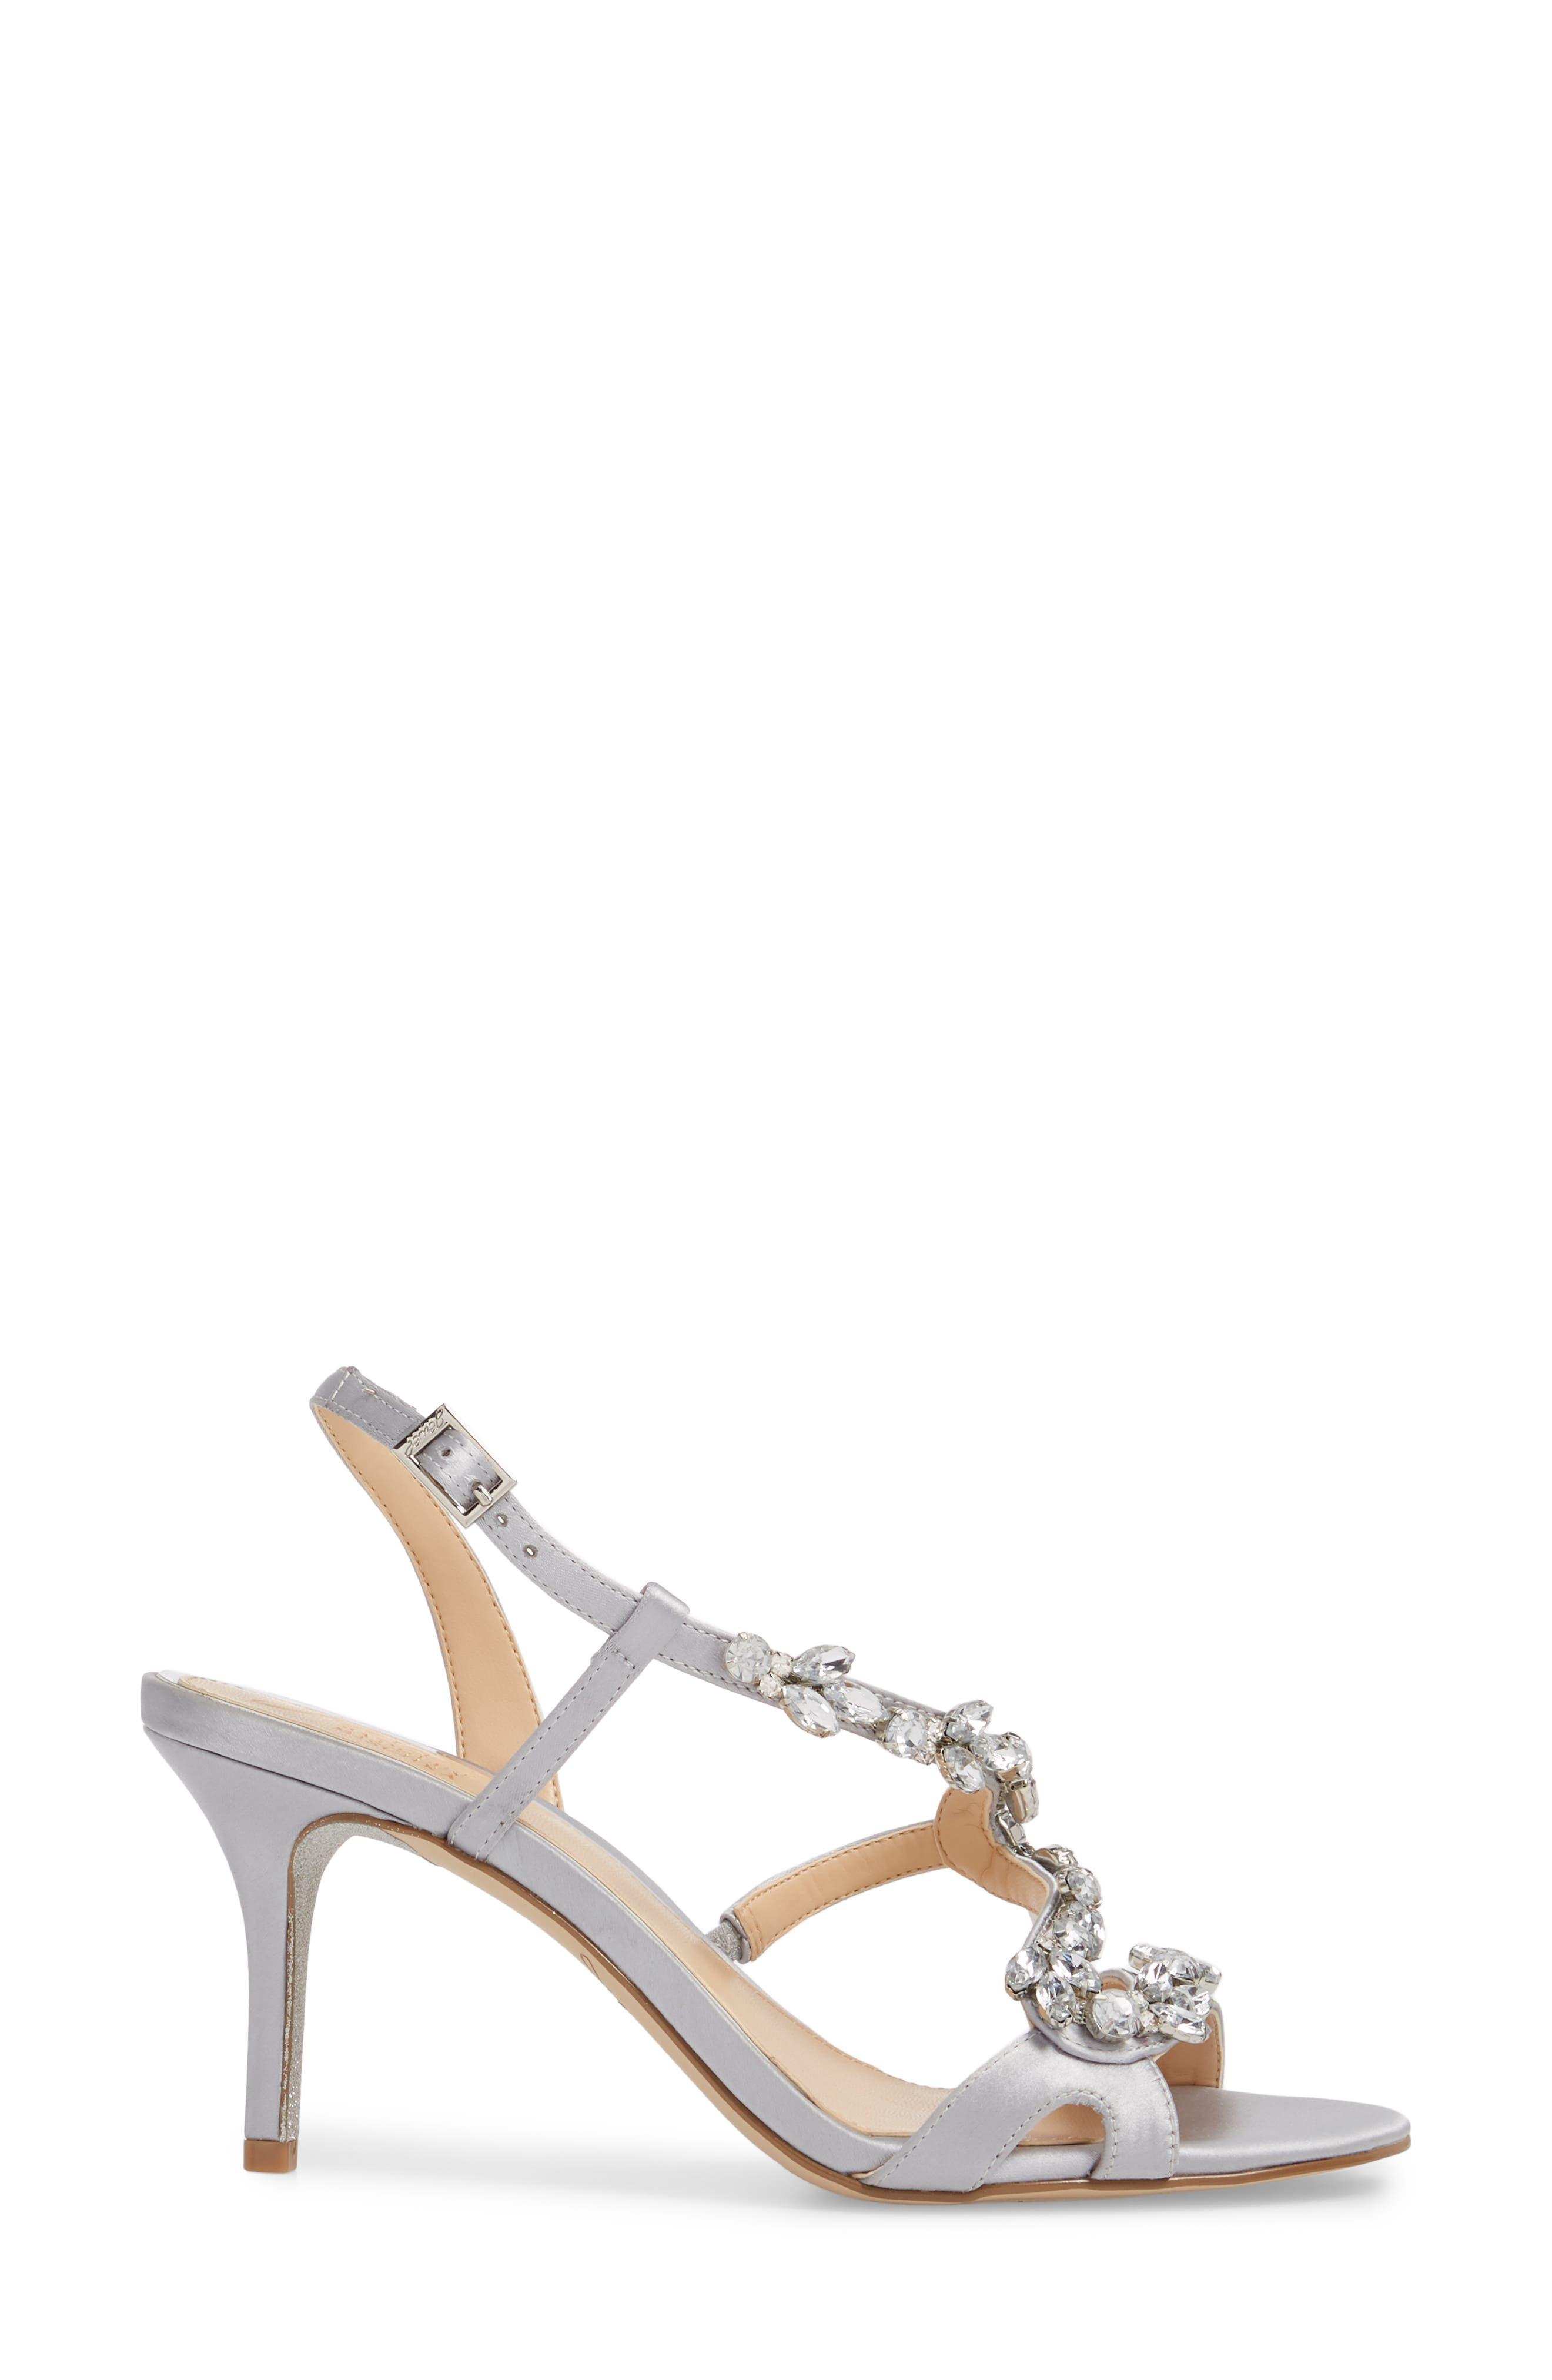 Badgley Mischka Ganet Embellished Sandal,                             Alternate thumbnail 3, color,                             Silver Satin